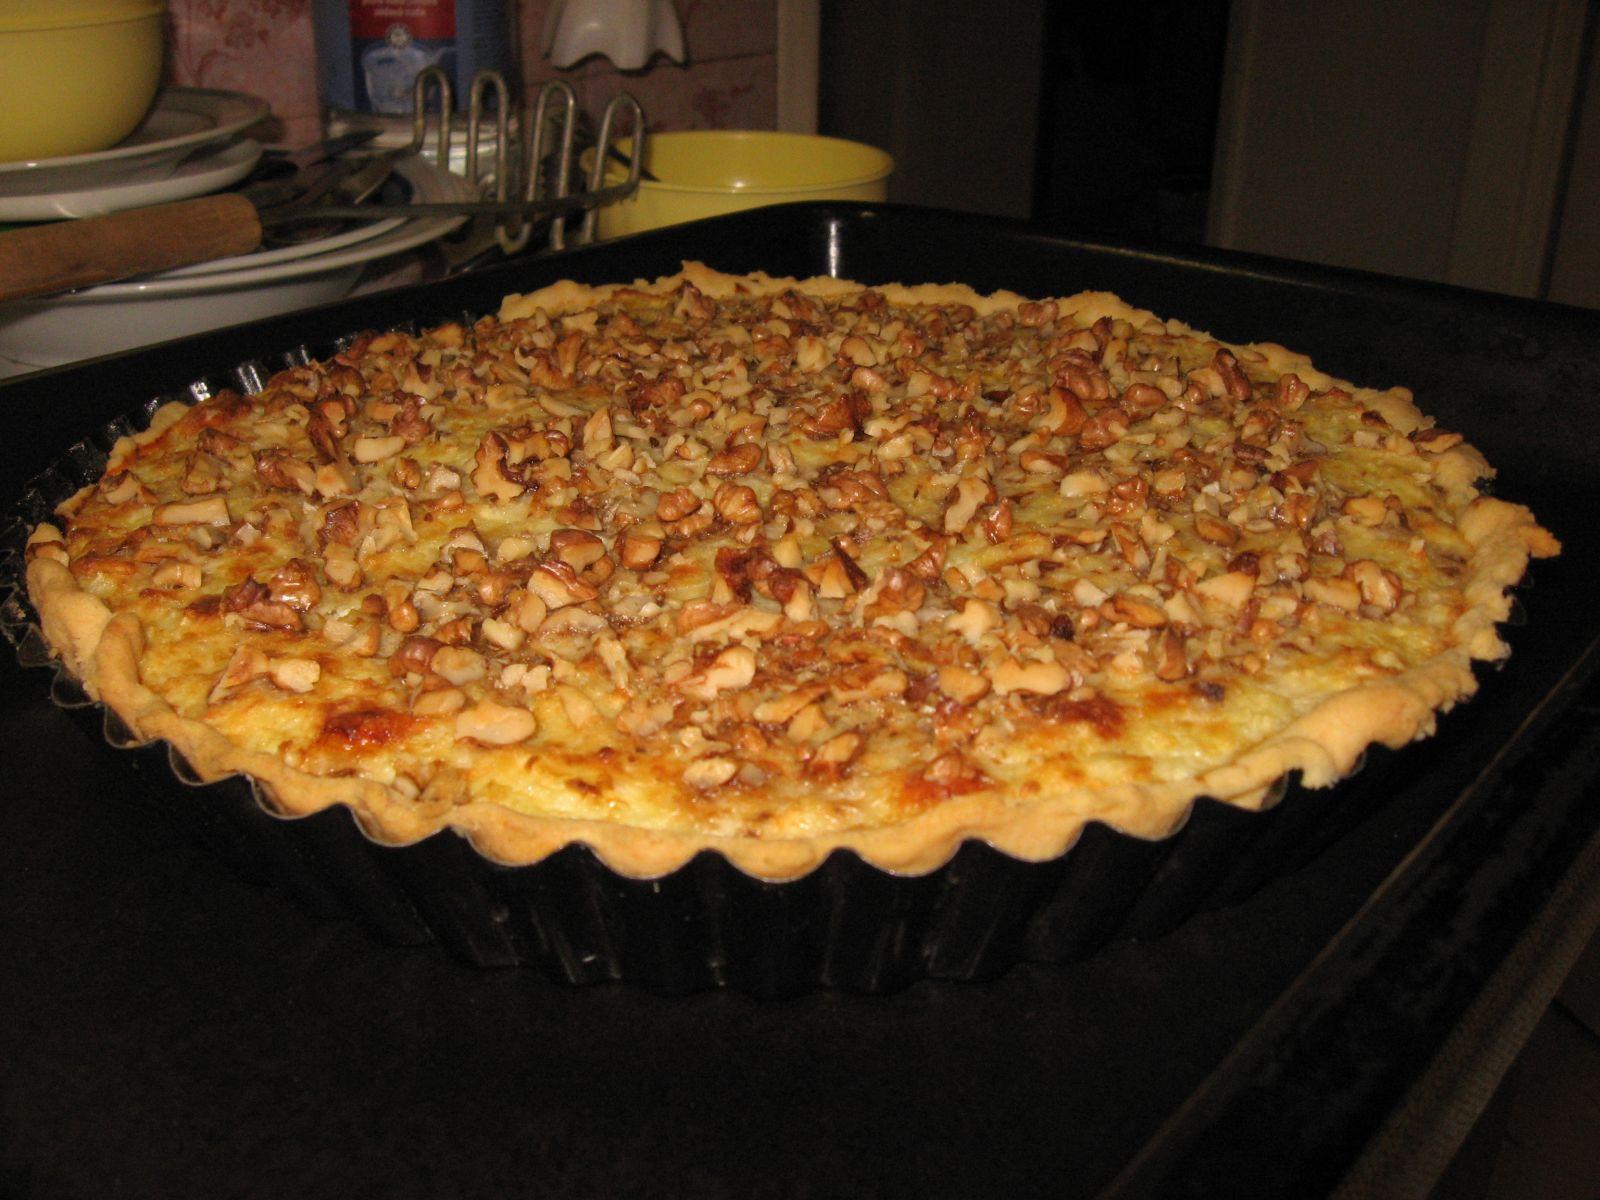 Recept Cibulový koláč s ořechy - Takhle to dopadlo, když jsem jej zkusila upéct.